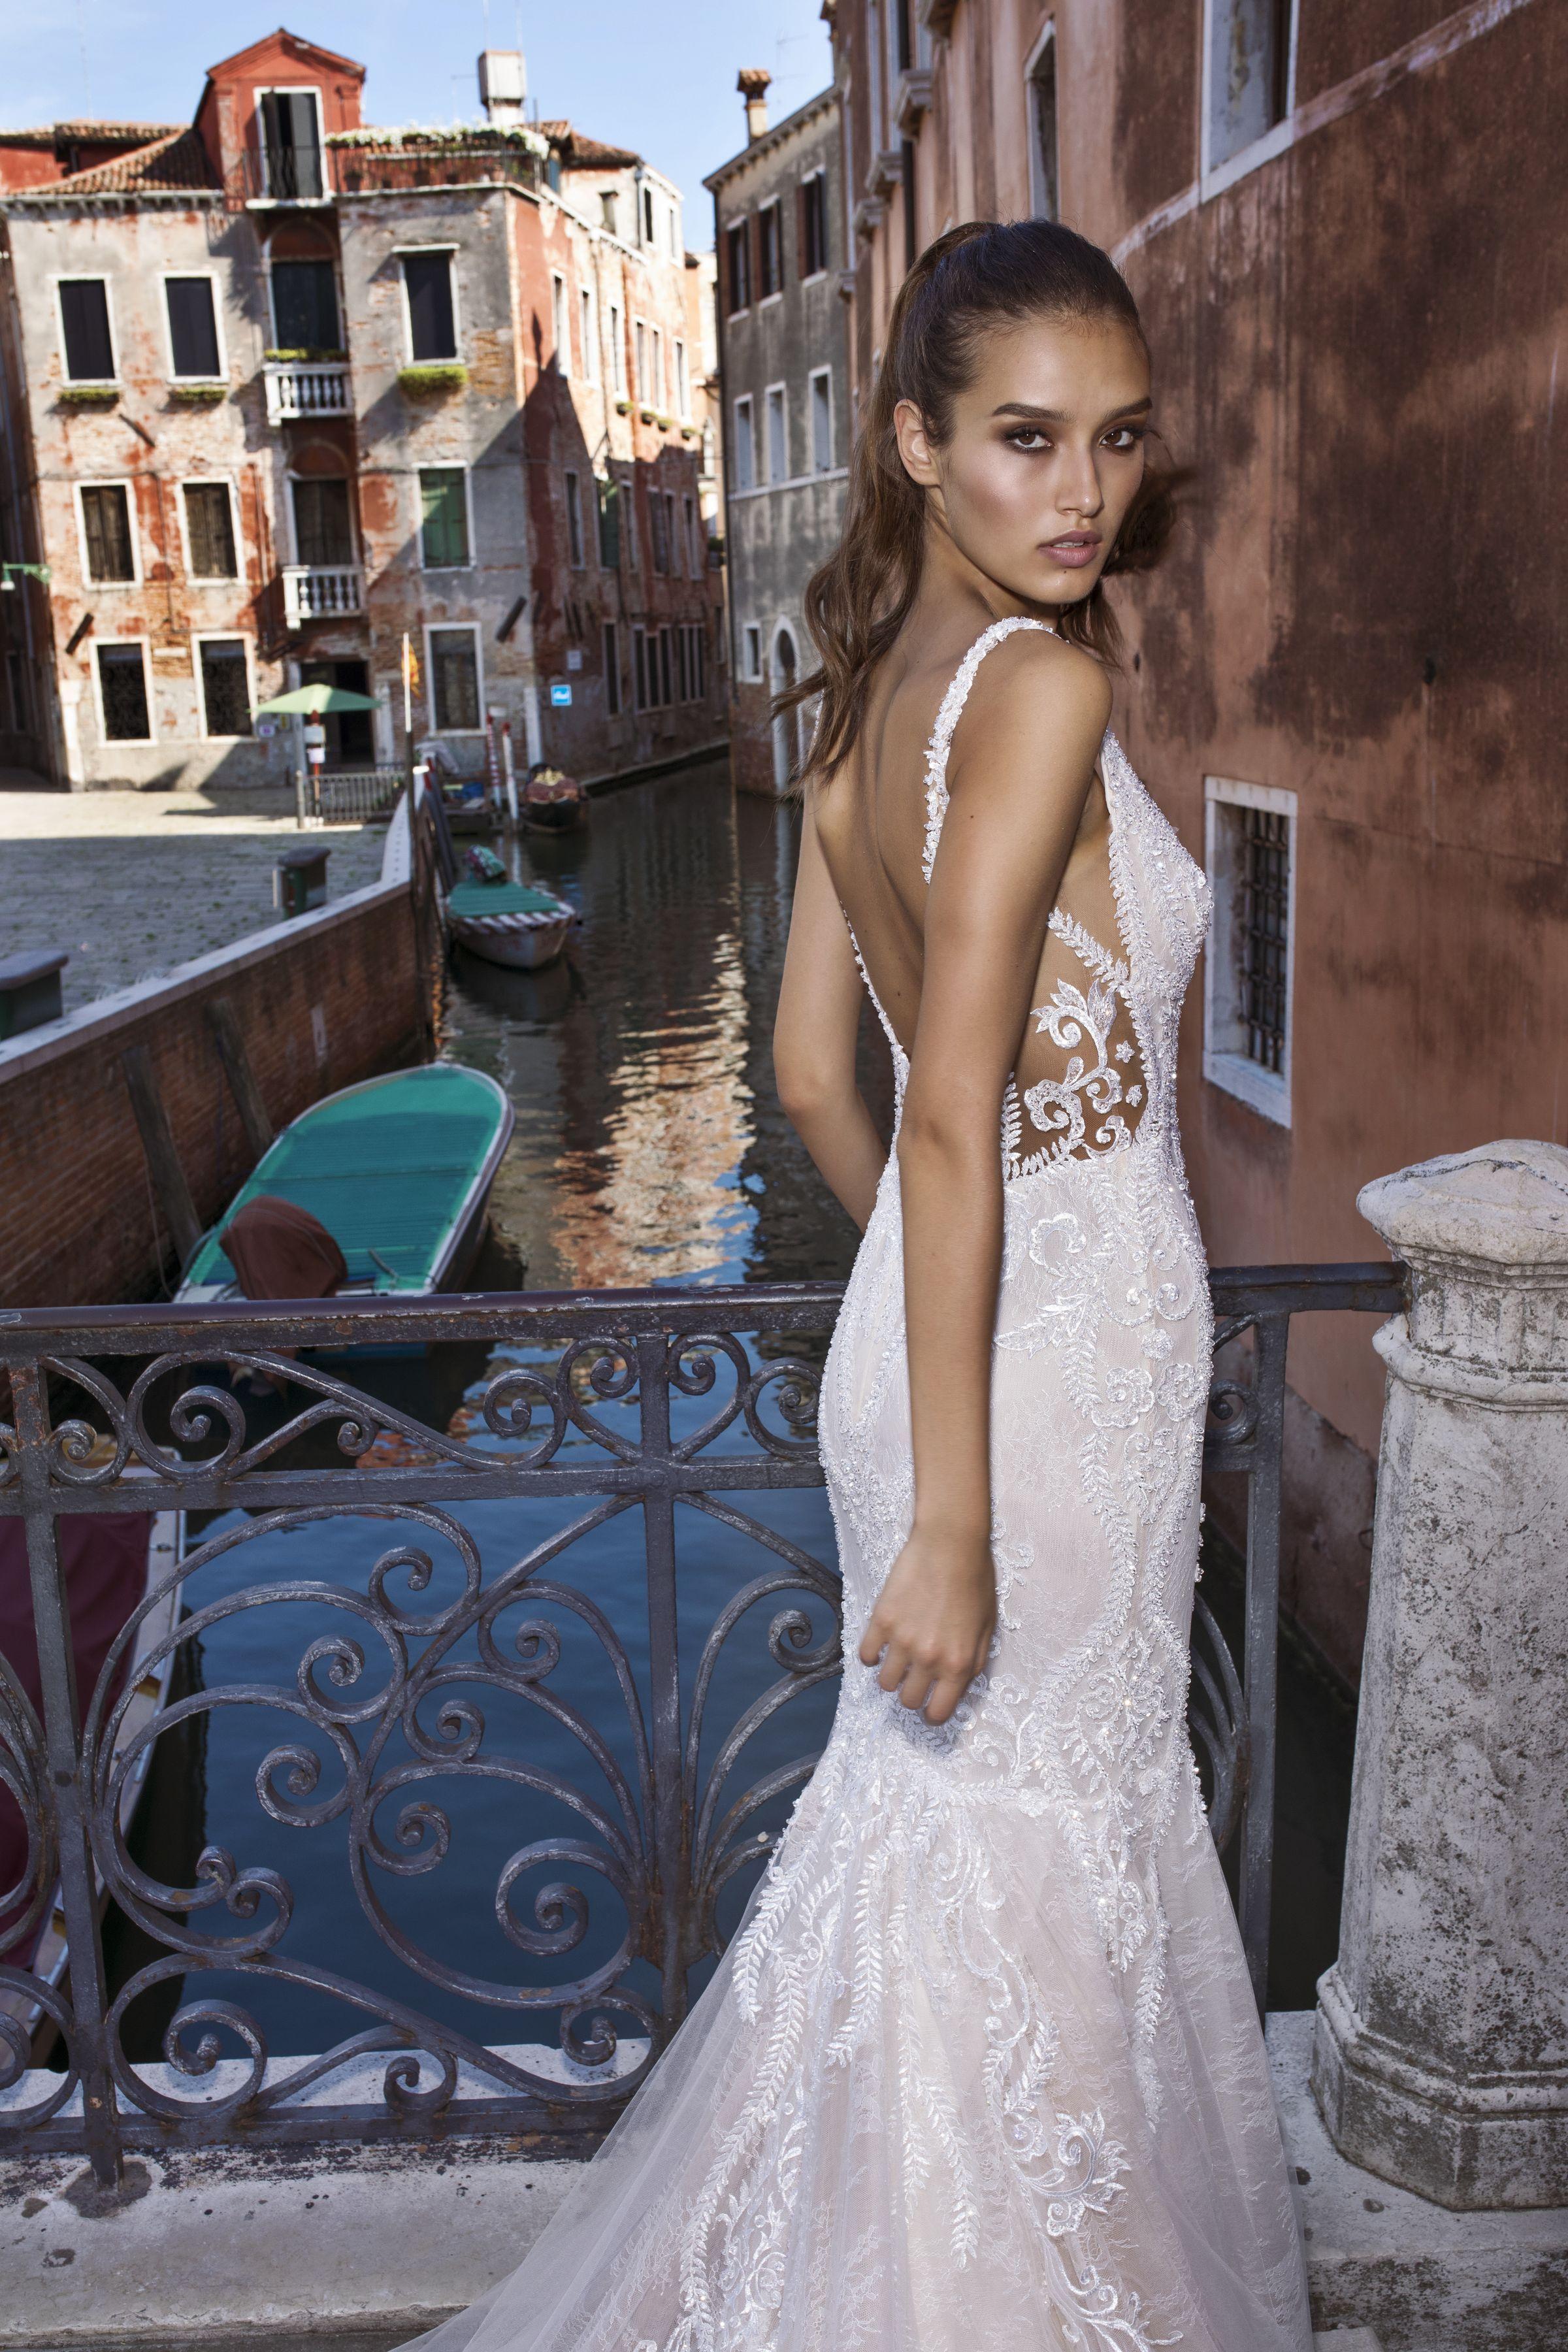 Collezioni Abiti Da Sposa.Pinella Passaro Bridal 2019 Venice Collection Collezioni Abiti Da